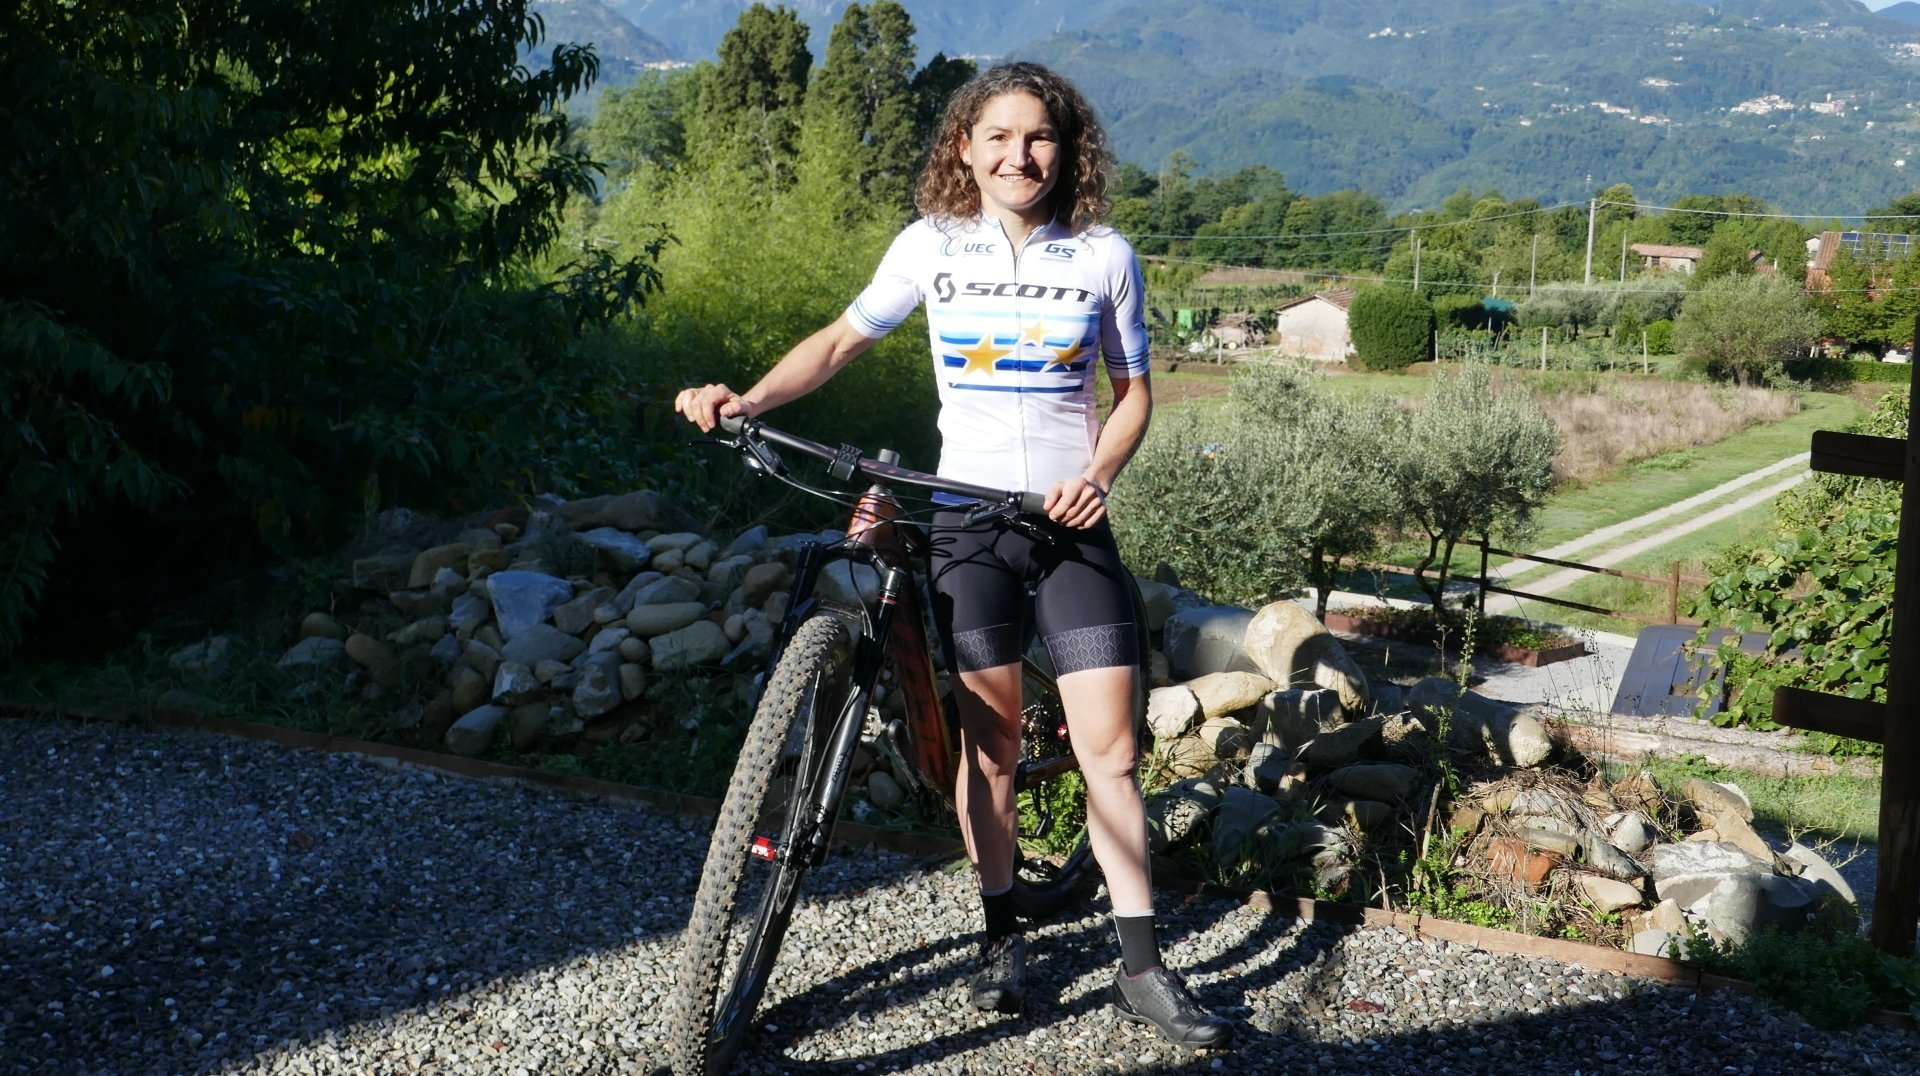 VTT: Florence Darbellay, la championne de VTT qui n'aimait pas particulièrement le vélo